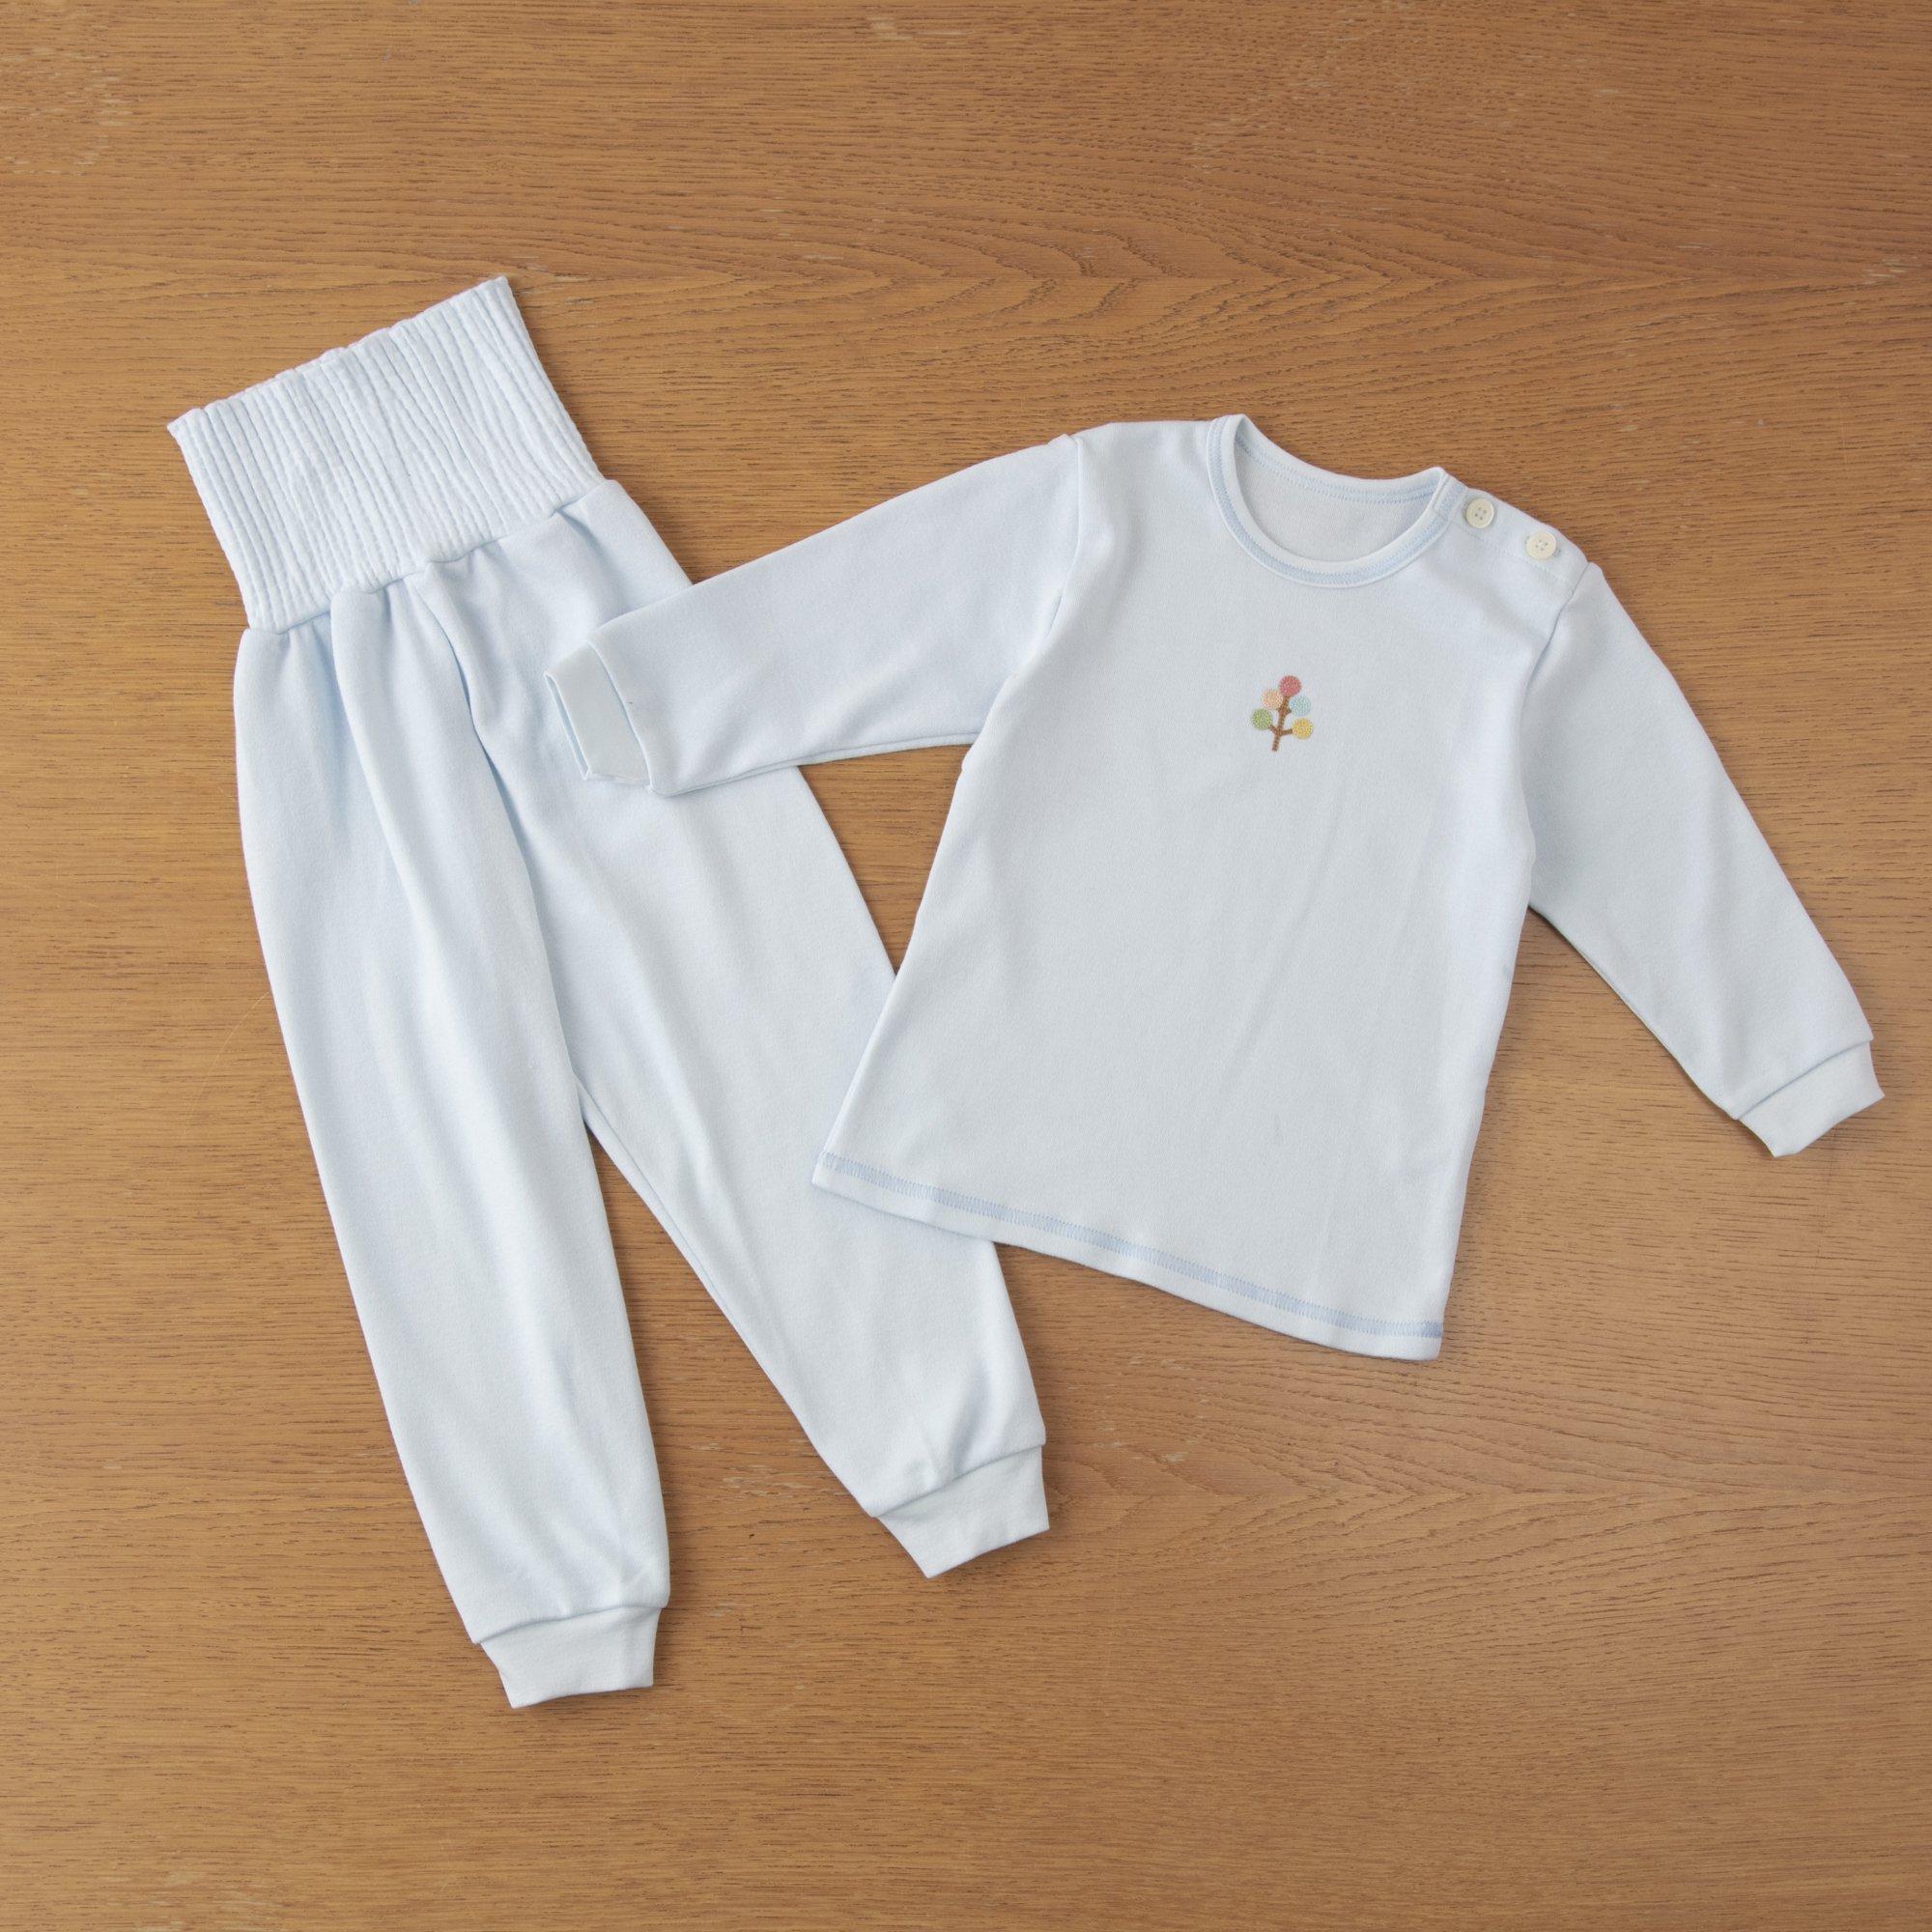 スマイルコットンベビー腹巻付パジャマ